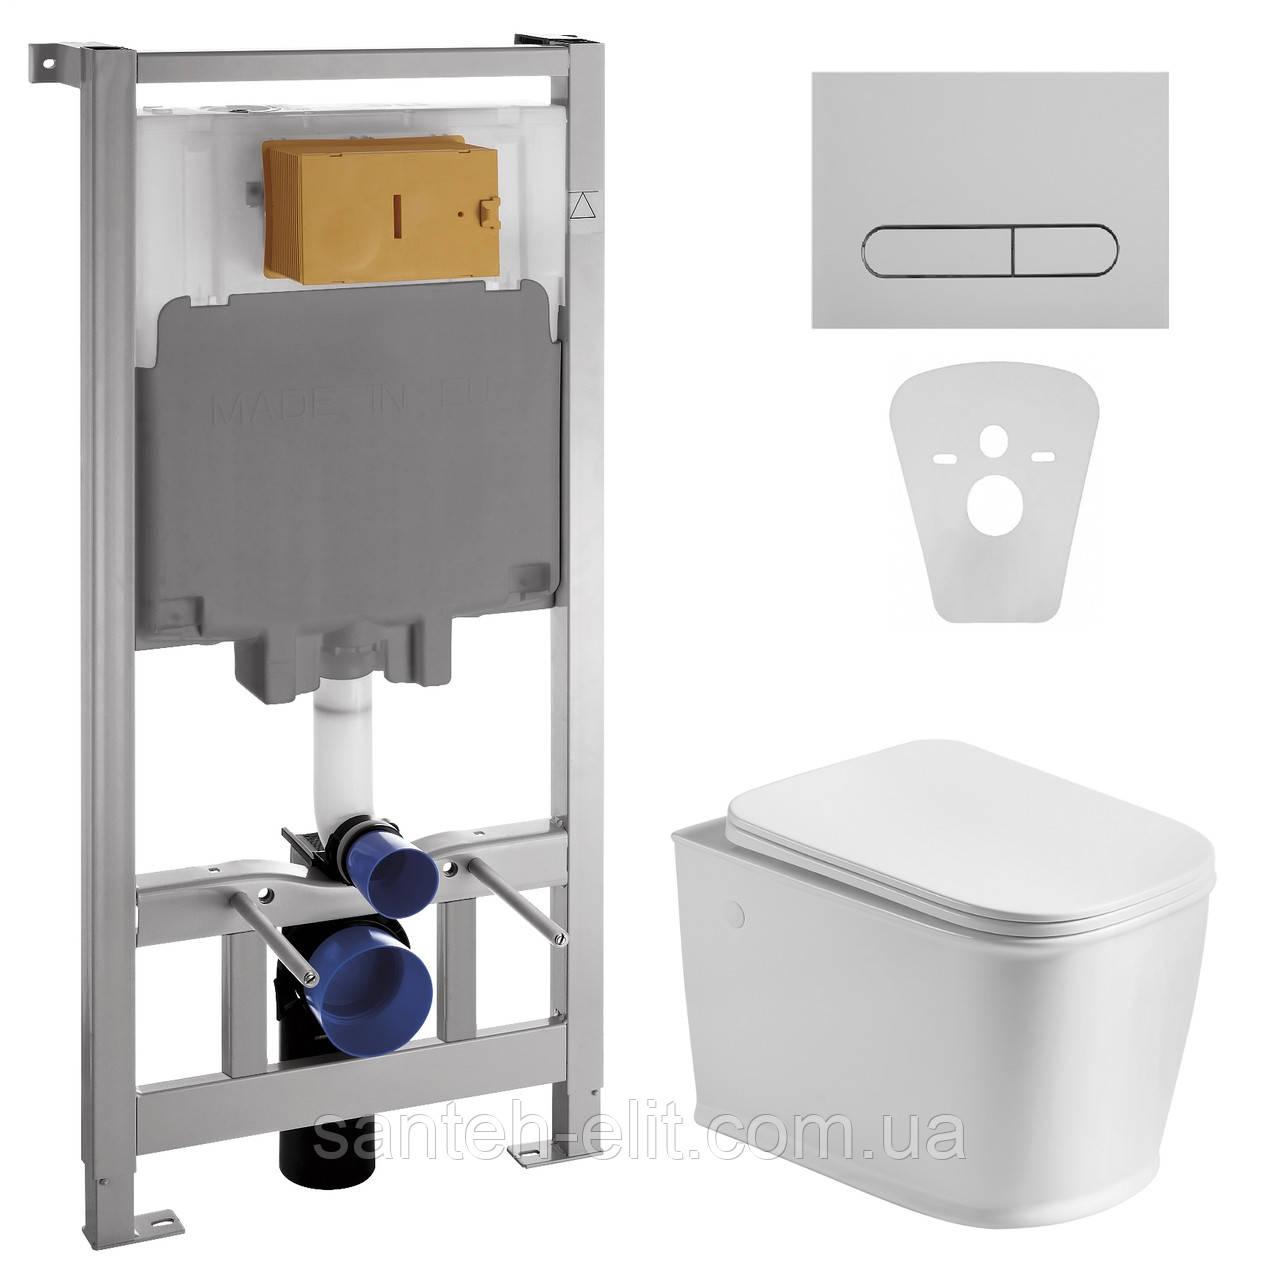 Комплект: унітаз підвісний VOLLE PUERTA з сидінням + інсталяція VOLLE MASTER (13-16-077 + 141515)